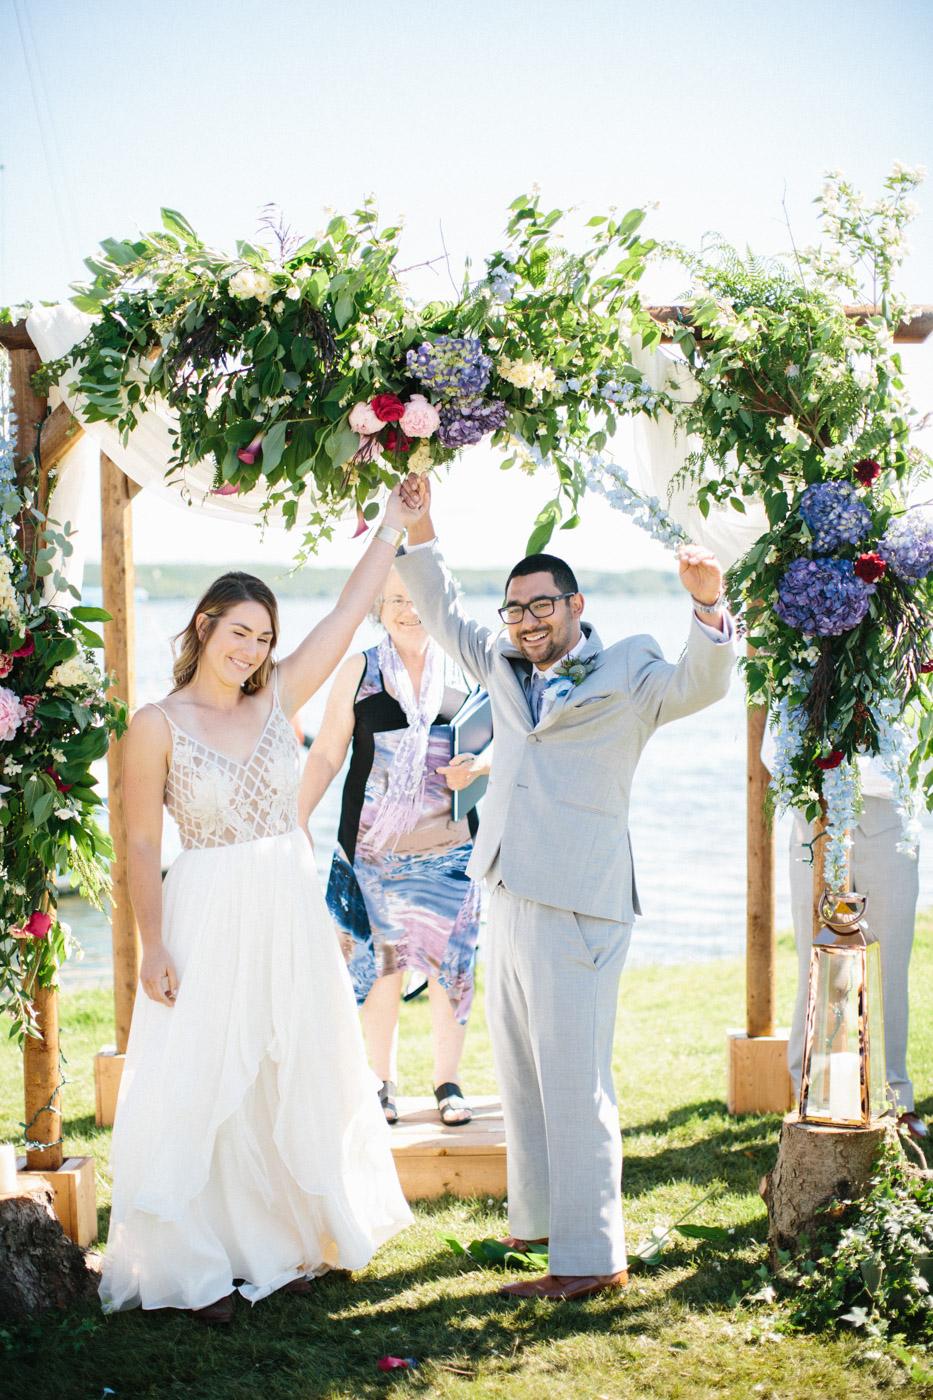 toronto_wedding_photographer_backyard_wedding-20.jpg